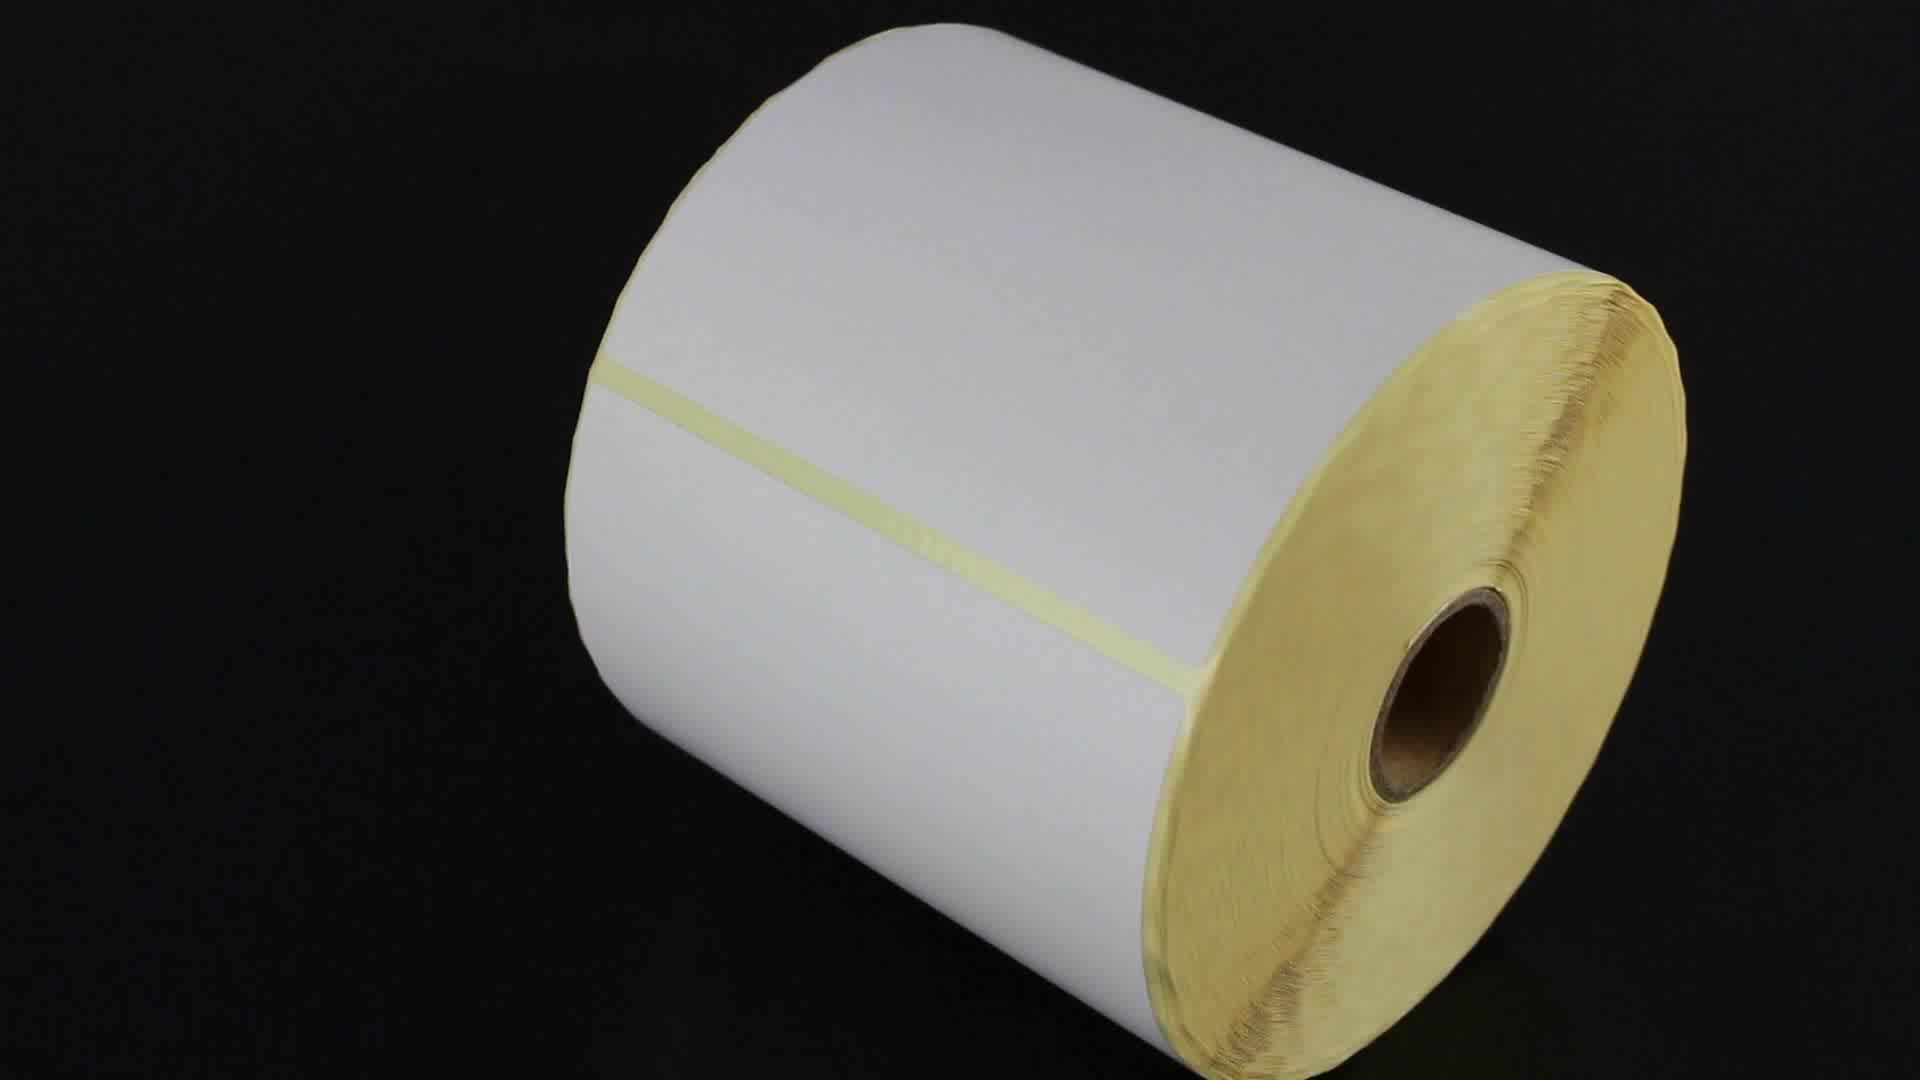 सुपरमार्केट के लिए स्वयं चिपकने वाला निविड़ अंधकार बारकोड कीमत लेबल स्टीकर रोल थर्मल प्रिंटर